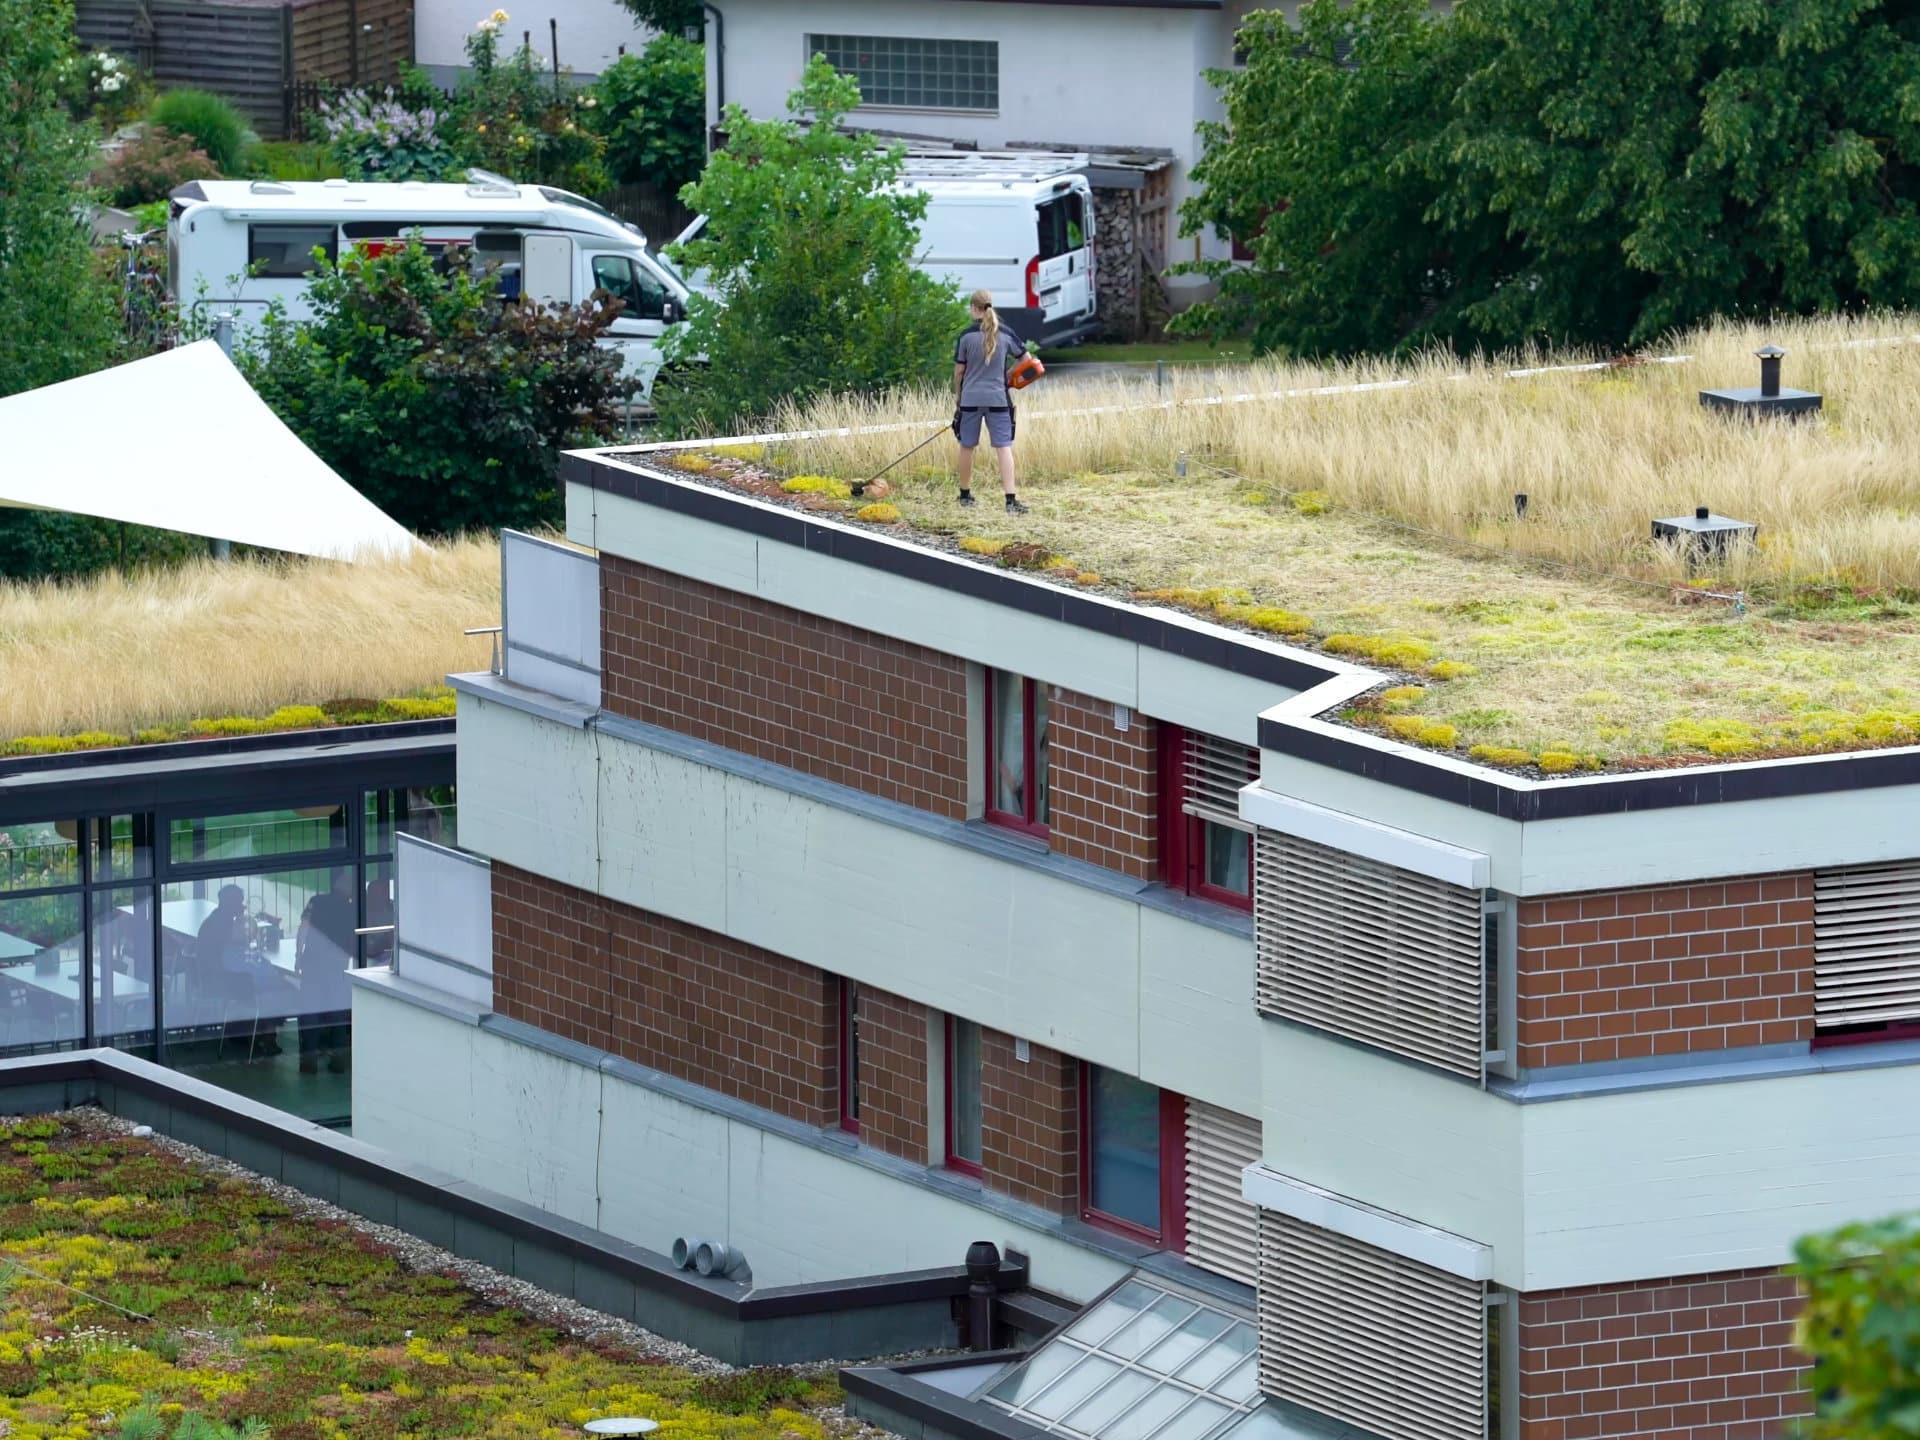 Extensive Dachbegrünung wird nur zur Instandhaltung betreten © Shutterstock.com - Berschauer Joachim